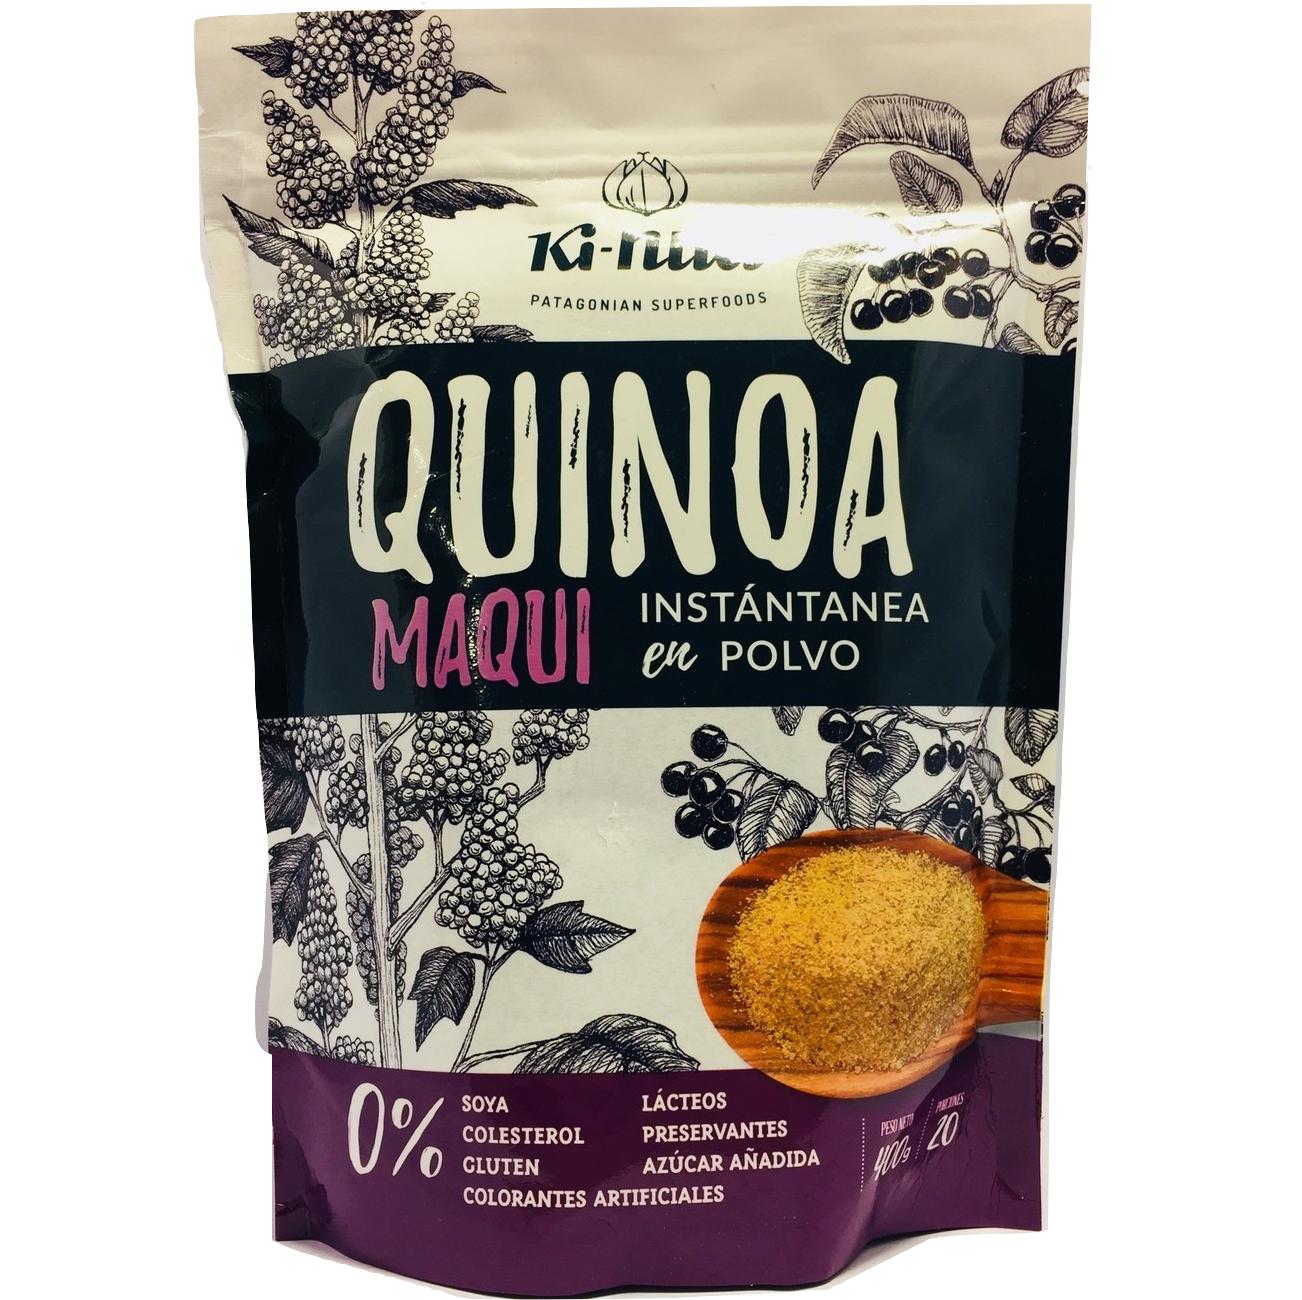 Quinoa Maqui en Polvo Ki-nua